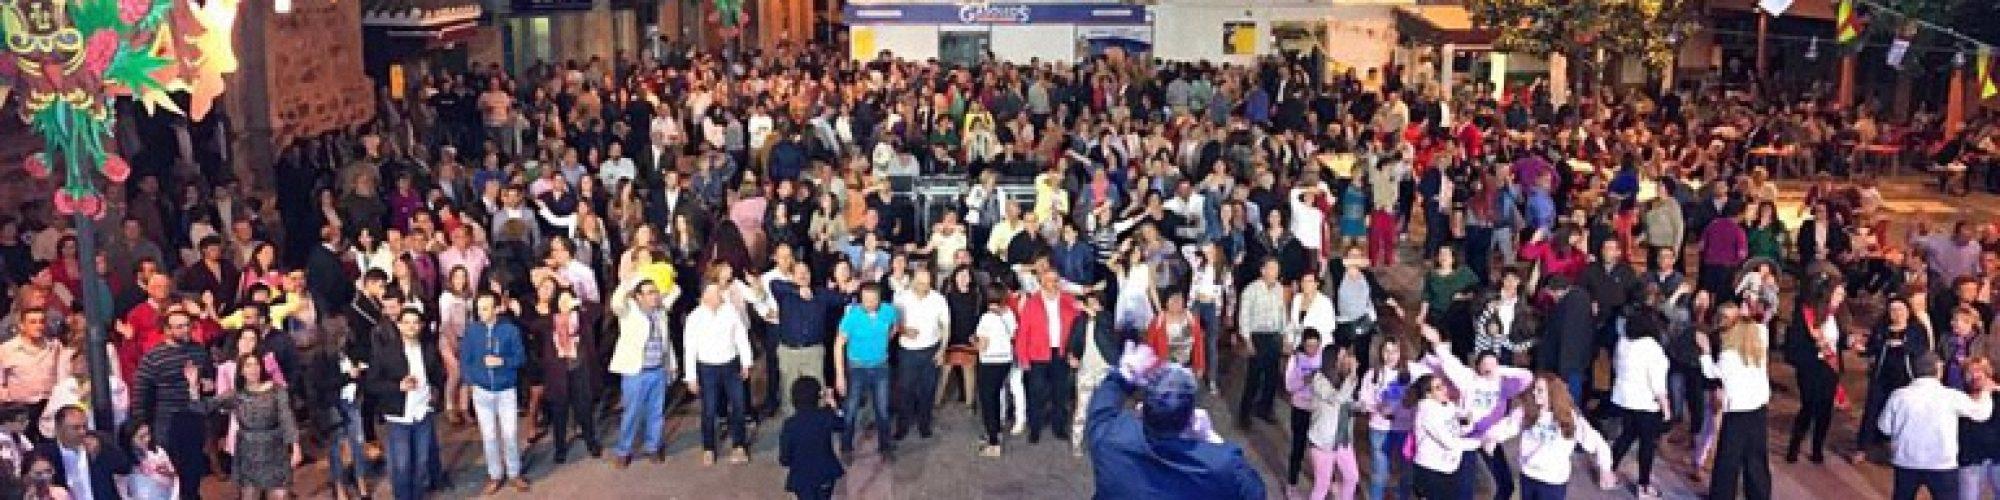 Bolaños-culminó-sus-Feria-y-Fiestas-2017-con-un-balance-muy-positivo